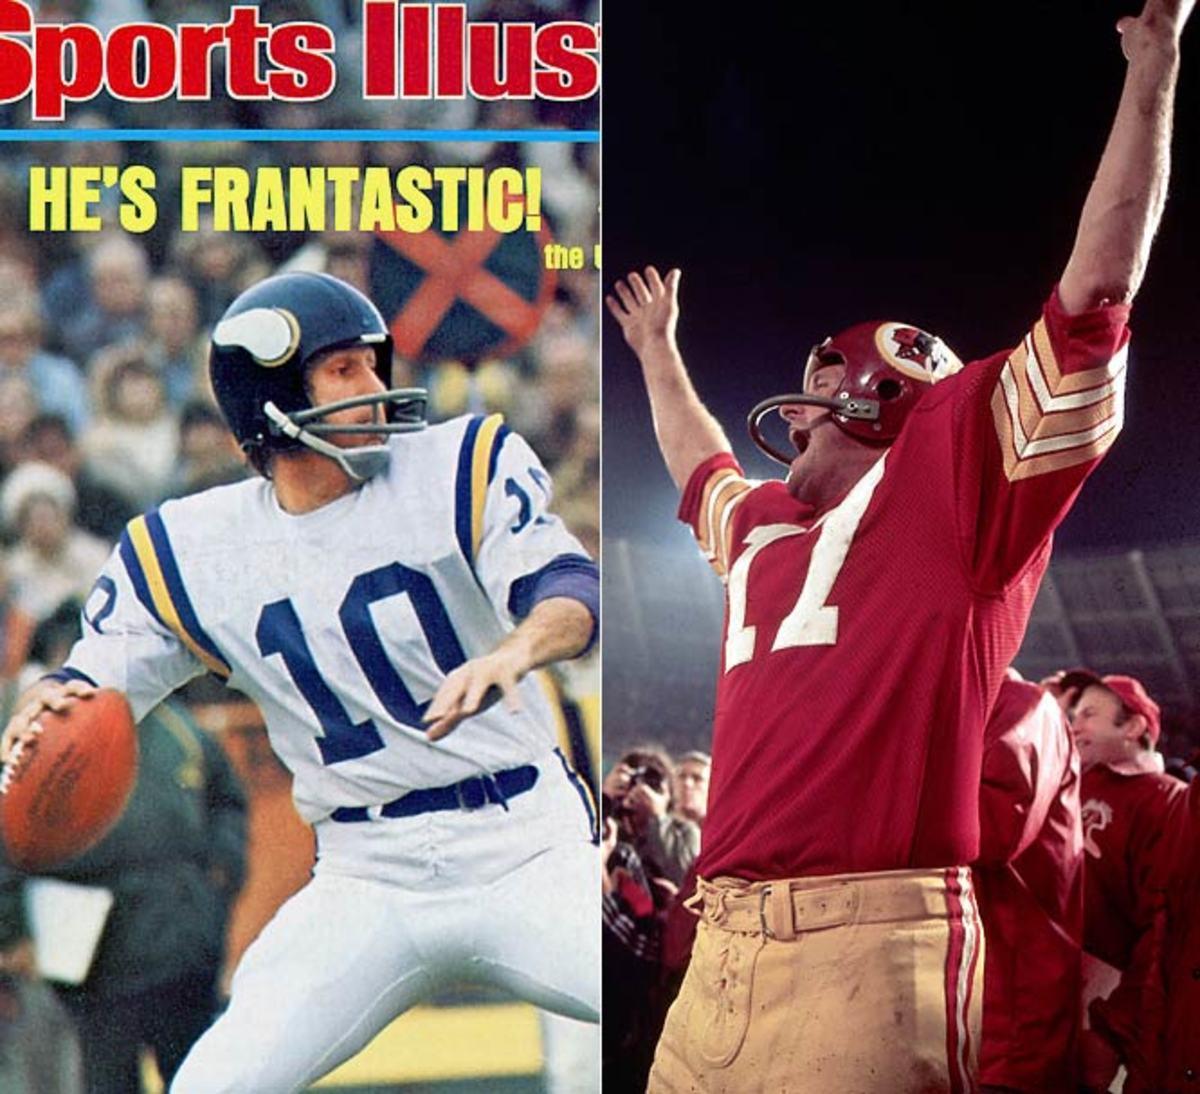 1975 Vikings (10-0), lost 31-30 to Redskins